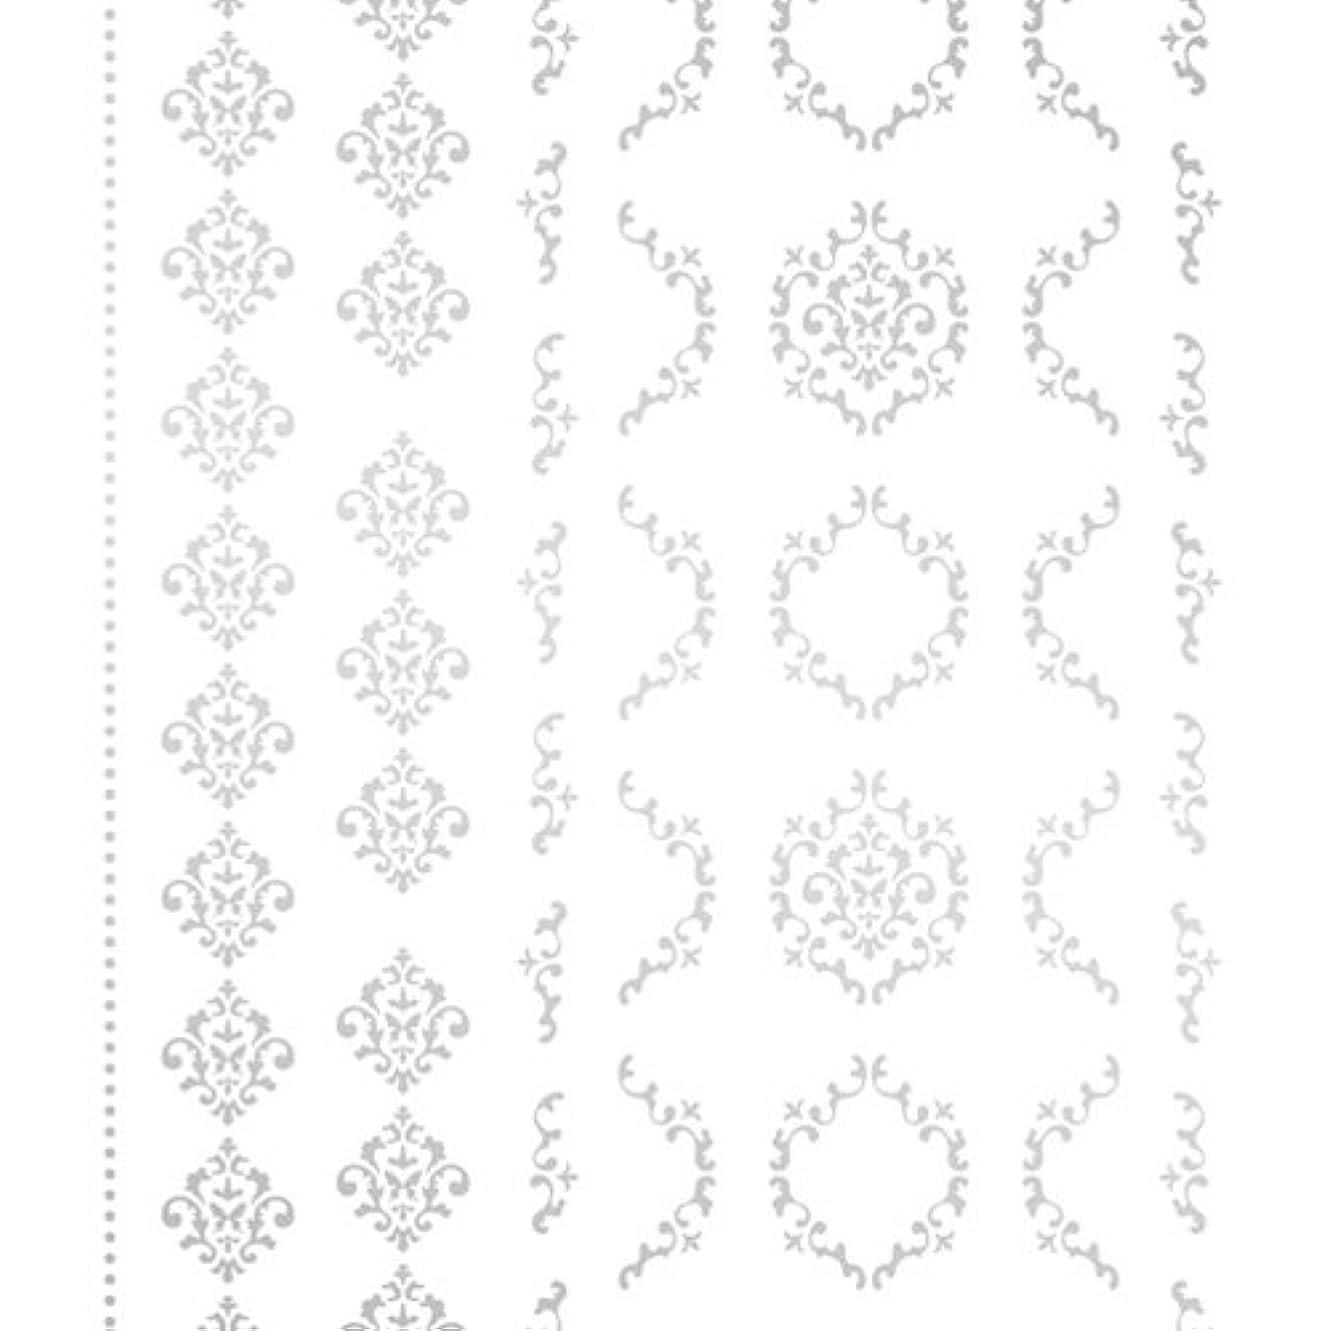 ペネロペスリットアーティストツメキラ(TSUMEKIRA) ネイル用シール agehaダマスクM シルバー SG-AGE-103